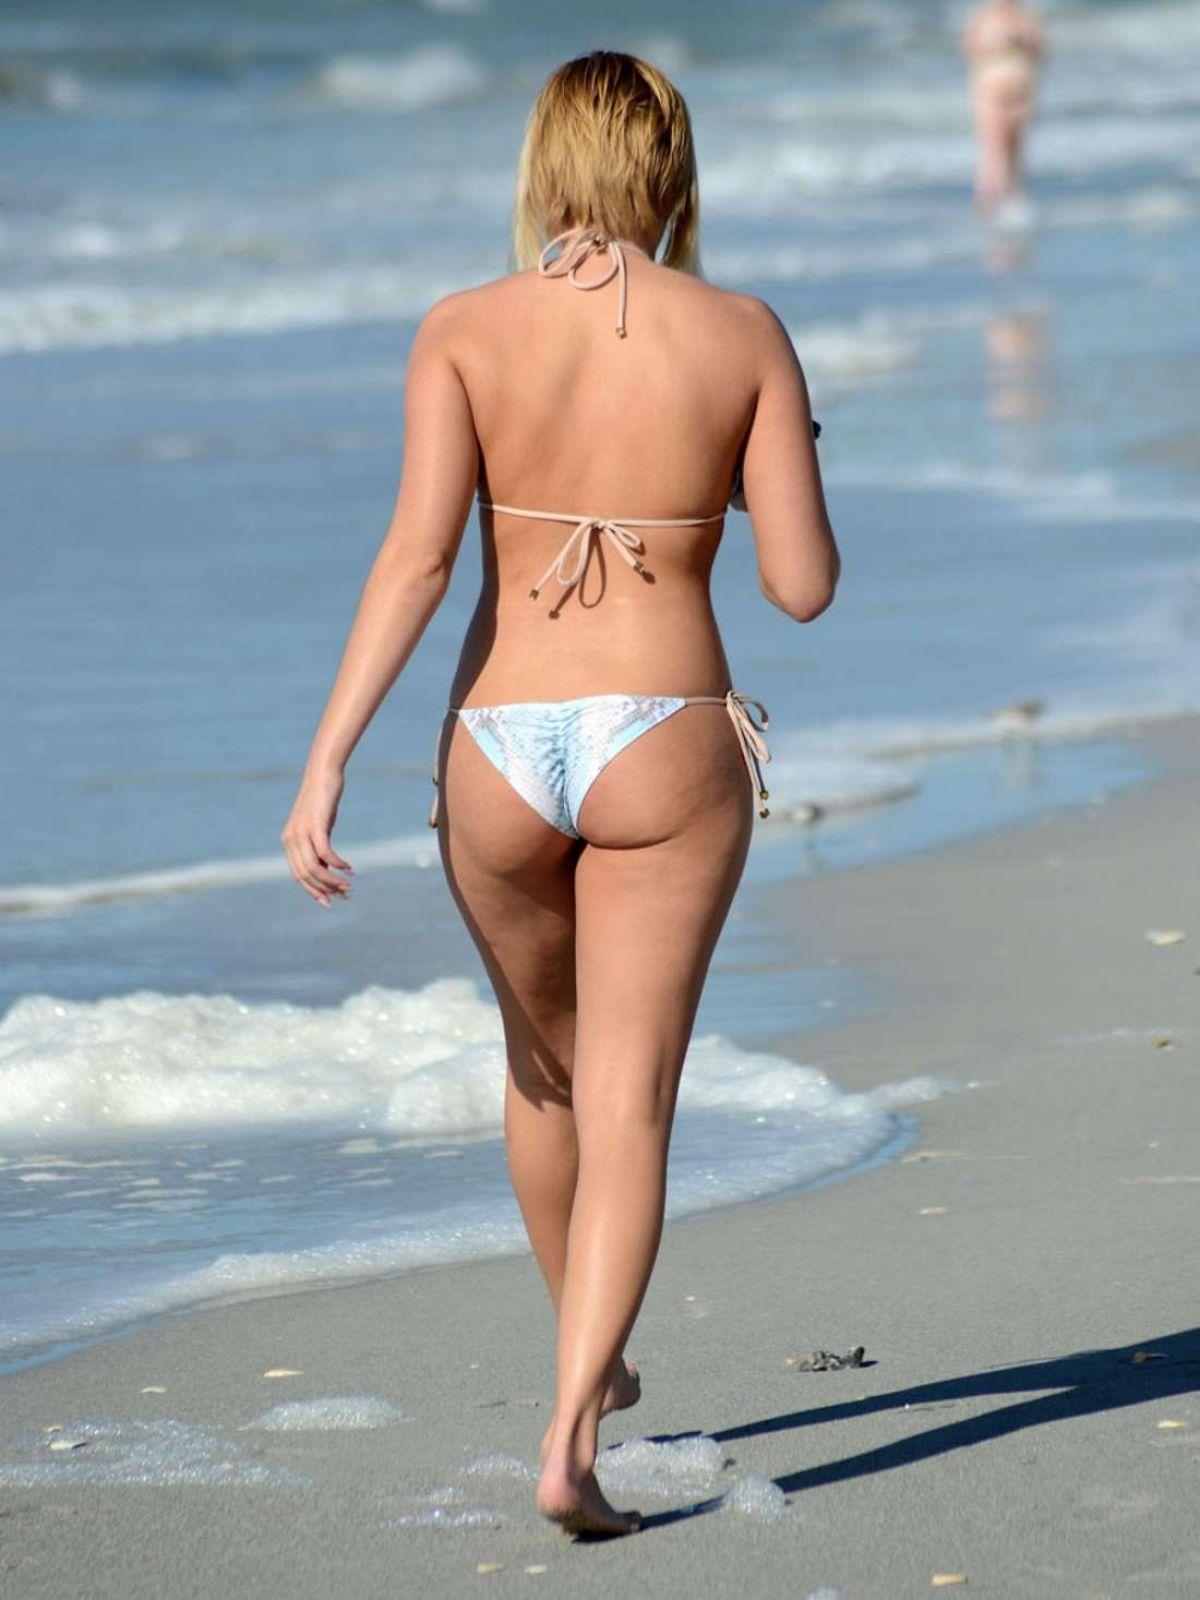 ass beach Nice bikini